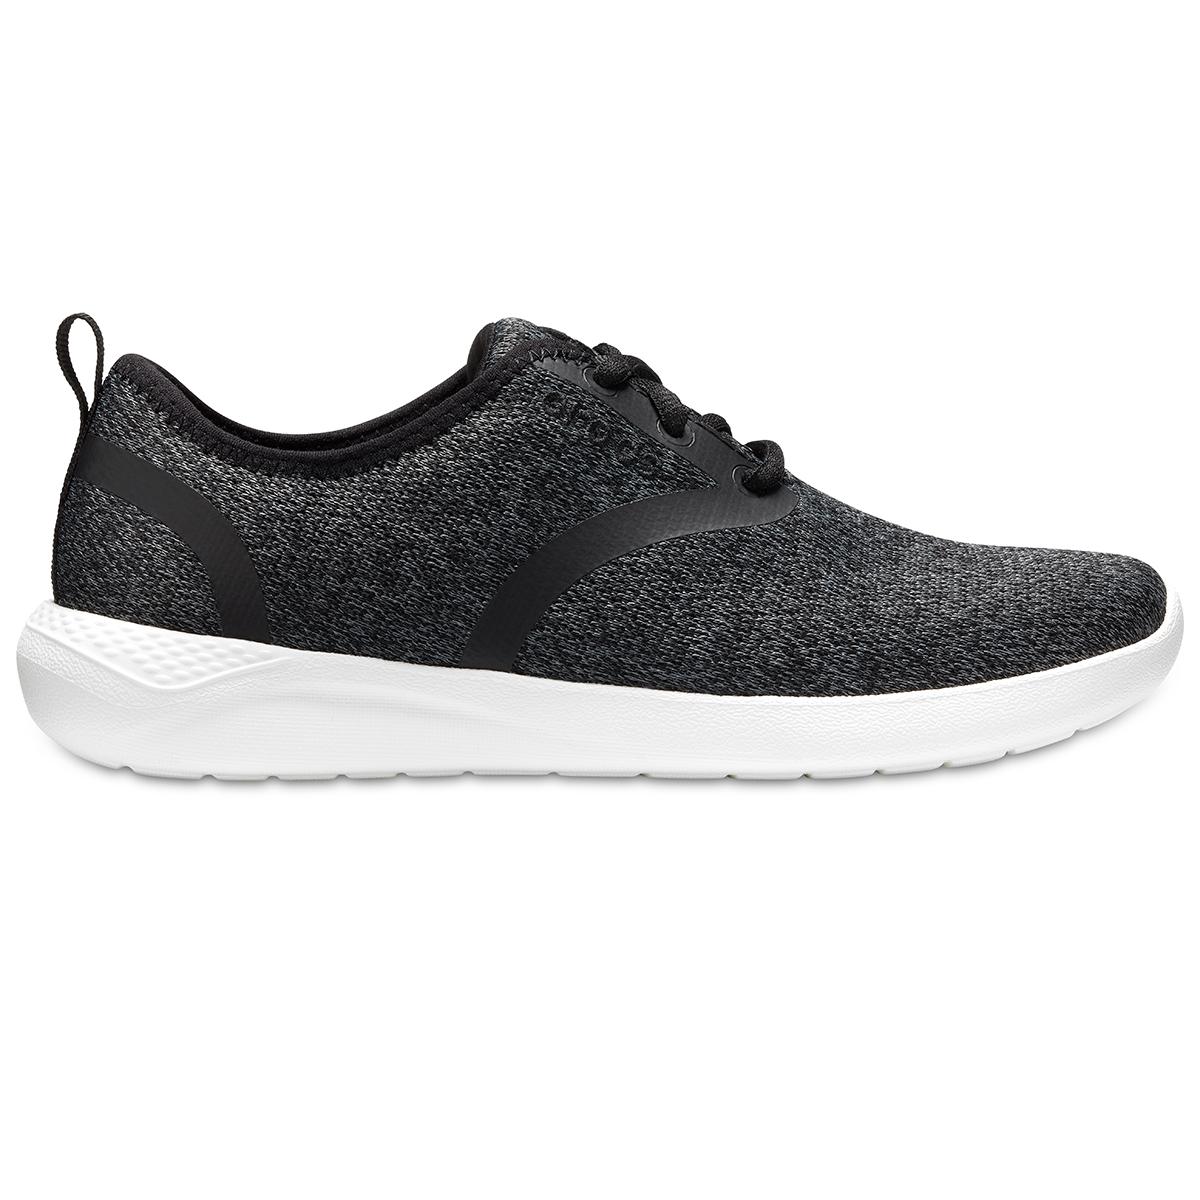 Crocs LiteRide Lace W - Siyah/Beyaz